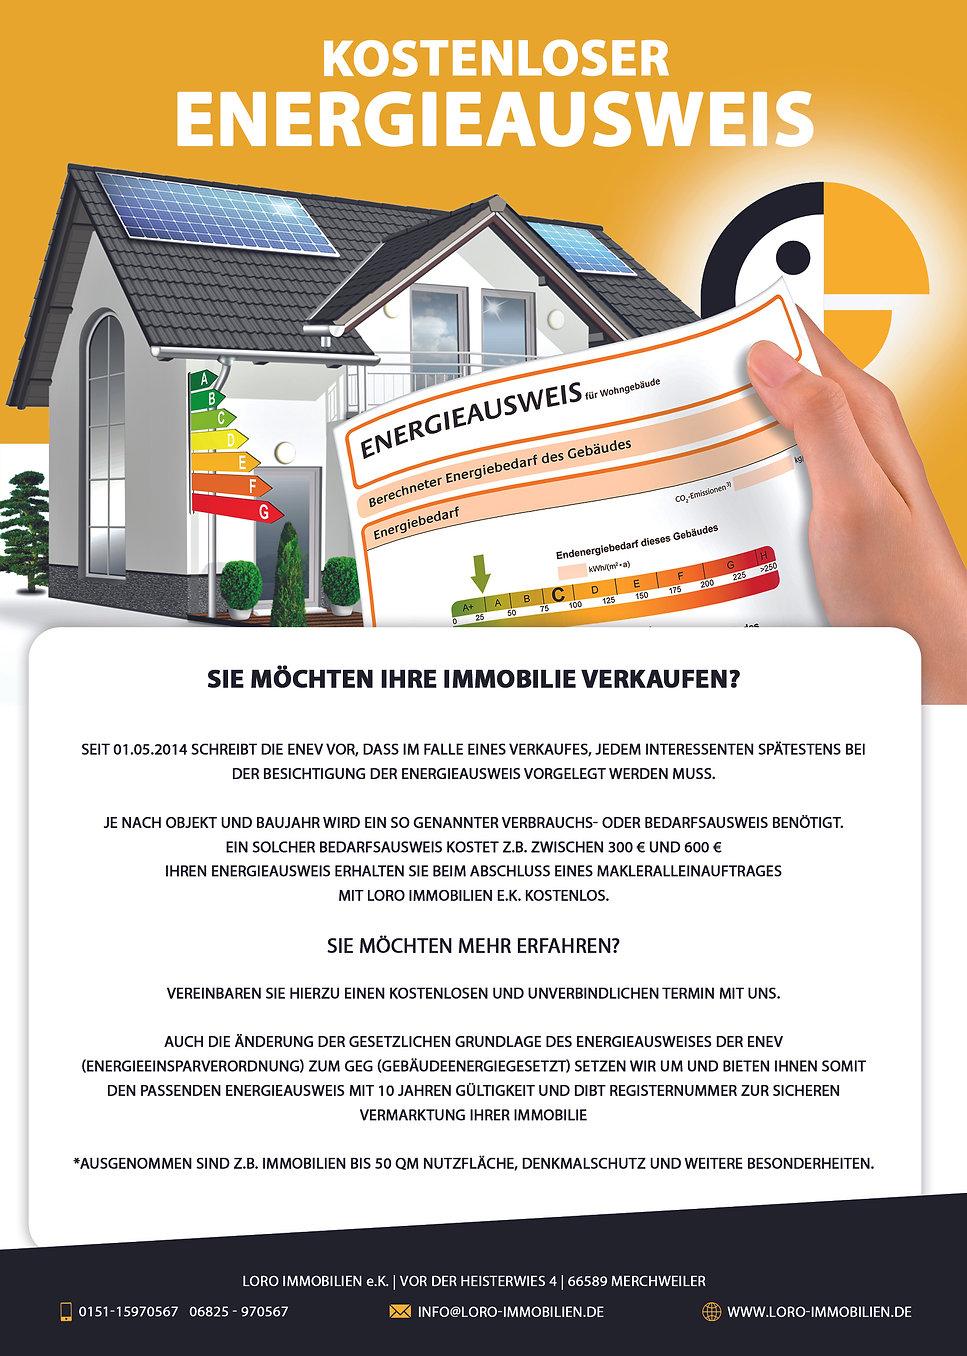 DINA4 Onlineflyer Energieausweis.jpg